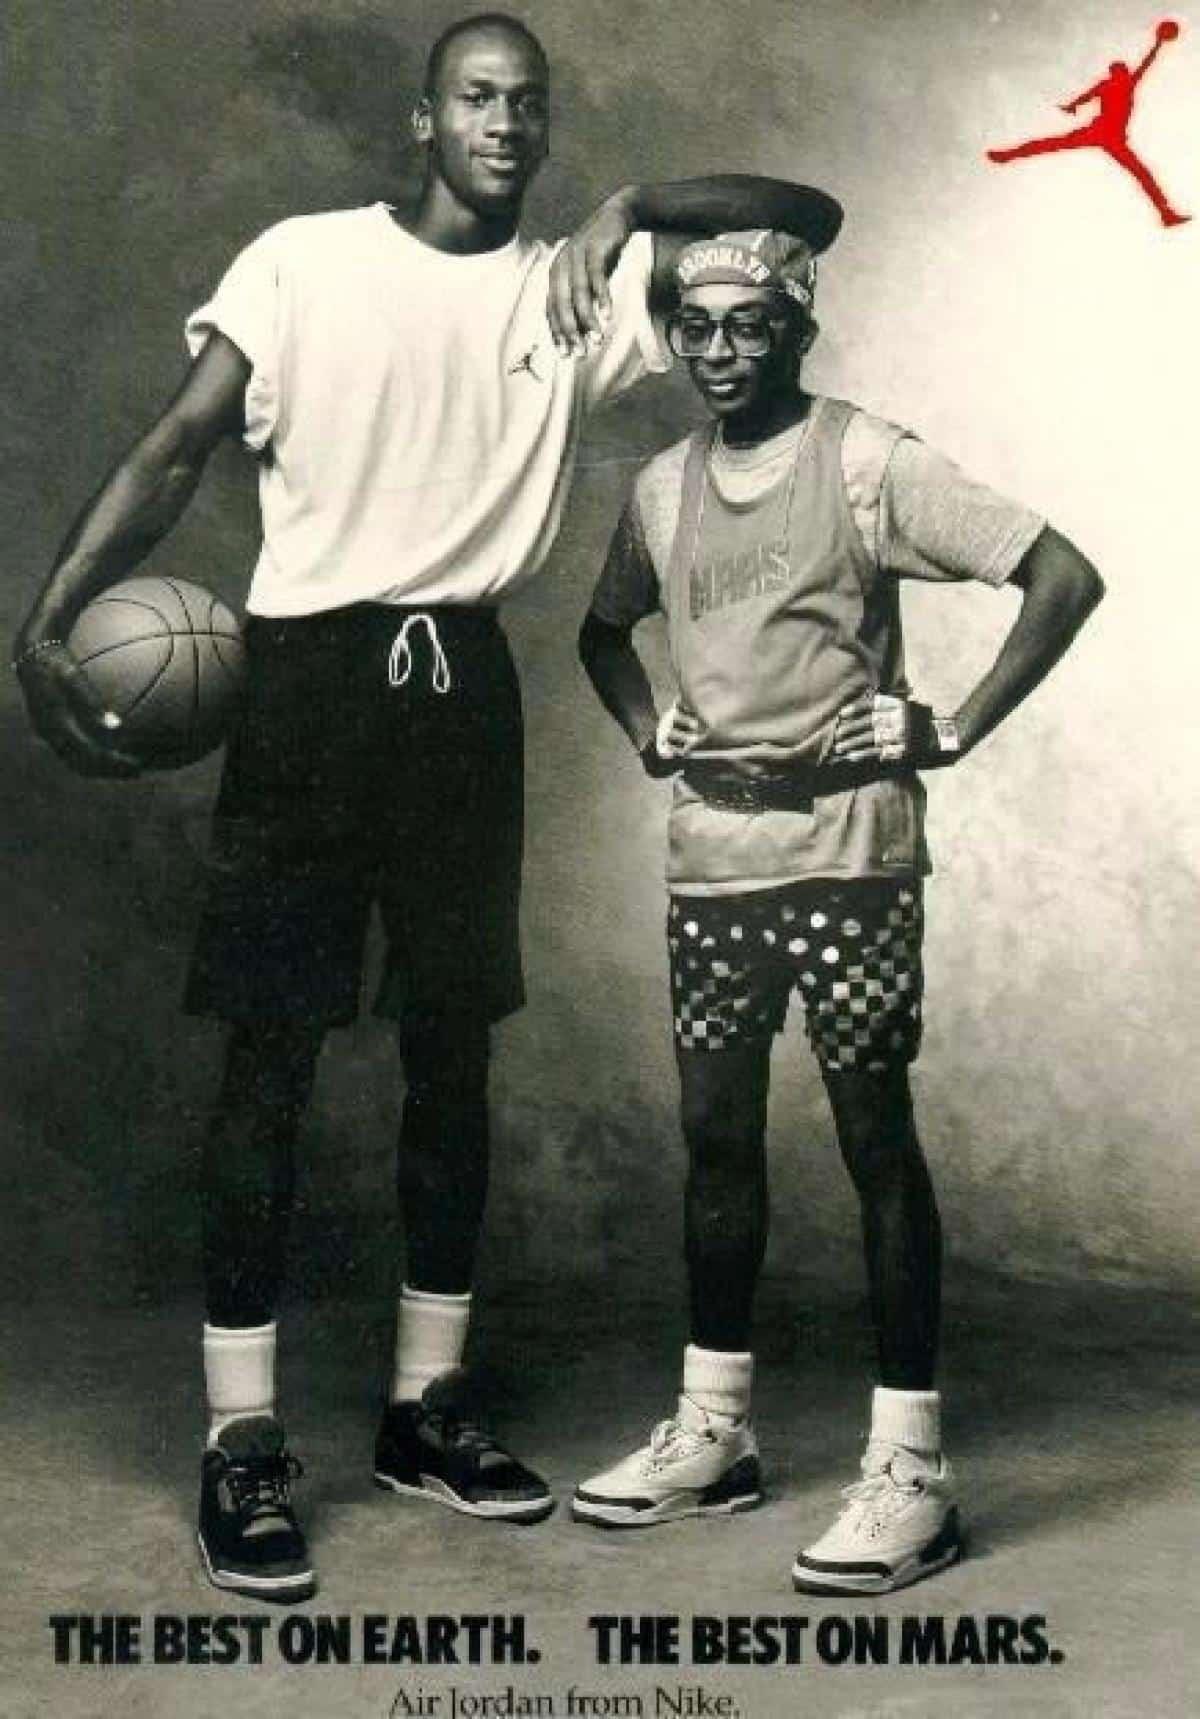 Affiche publicitaire avec Michael Jordan et Spike Lee pour la Air Jordan III